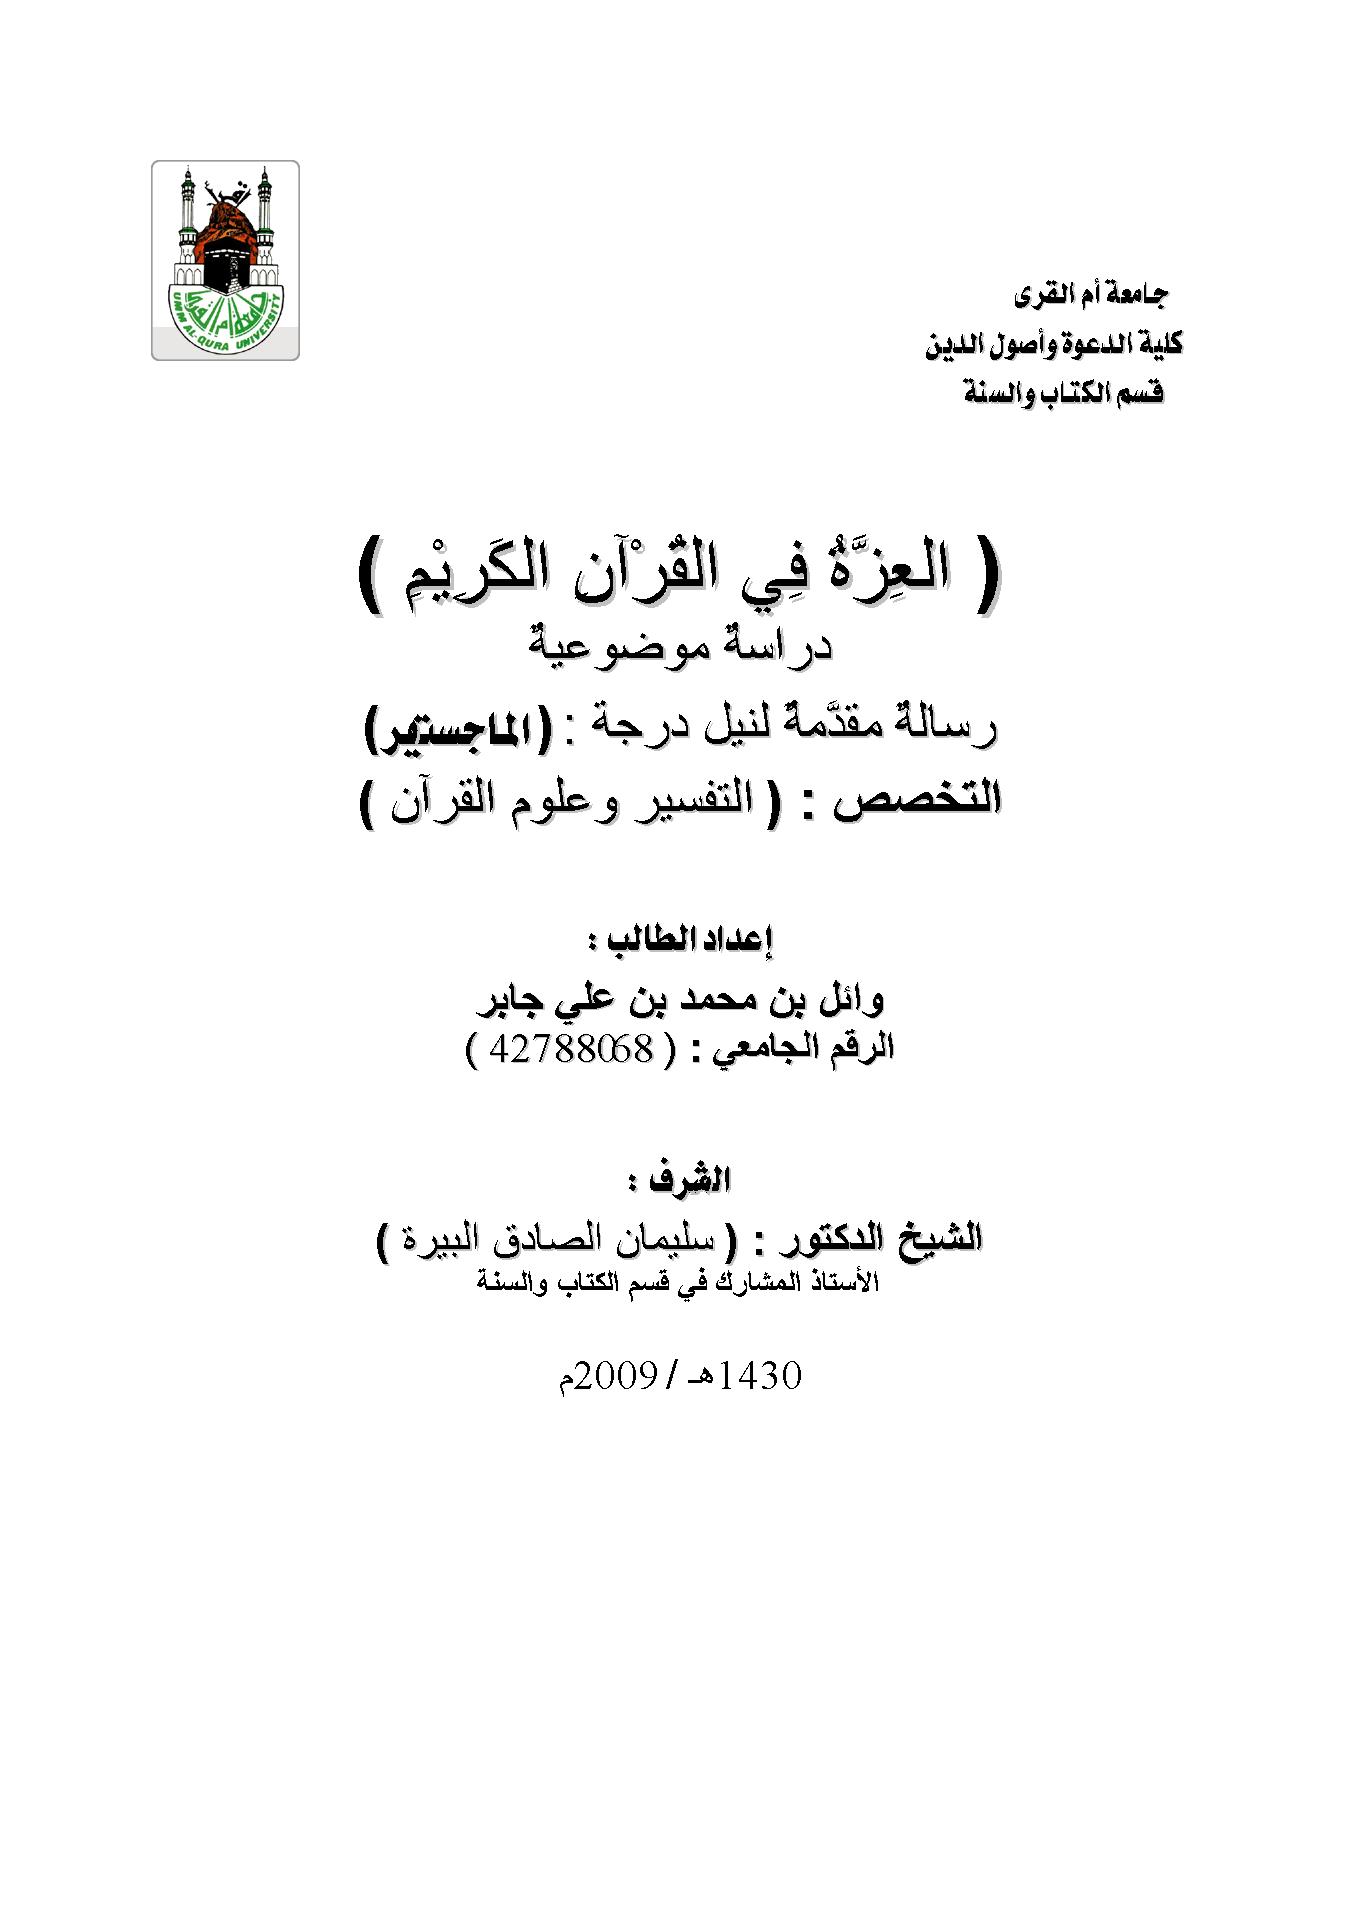 تحميل كتاب العزة في القرآن الكريم (دراسة موضوعية) لـِ: وائل بن محمد بن علي جابر